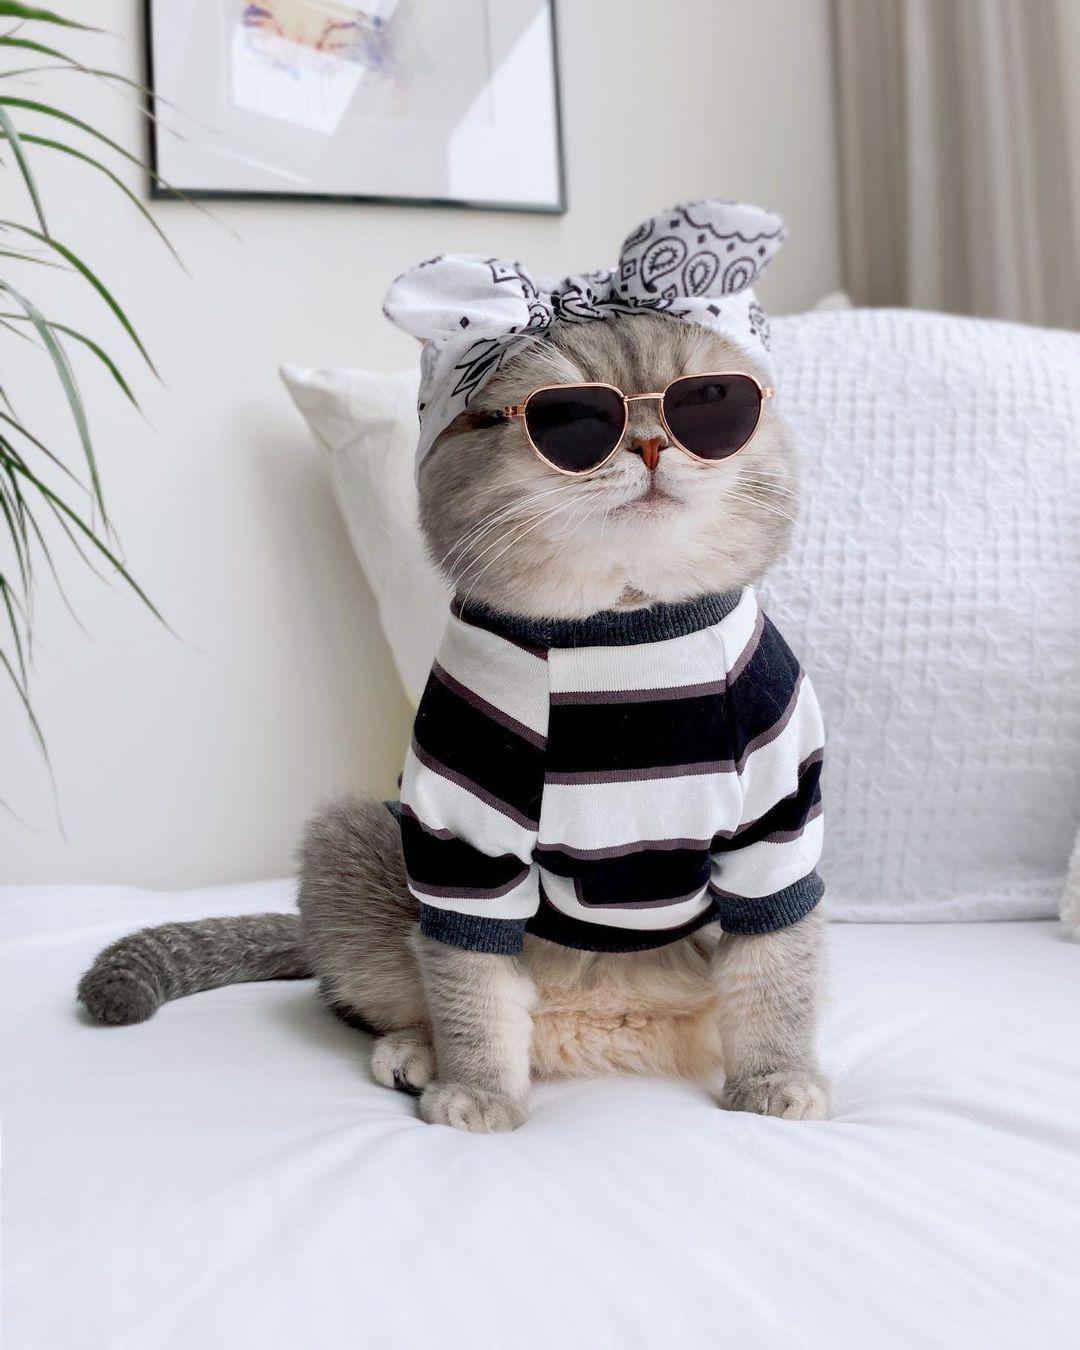 Benson là chú mèo sinh ra ở UAE và lớn lên ở Mỹ. Hiện là một ngôi sao nổi tiếng trên Instagram với hơn 111.000 người theo dõi.